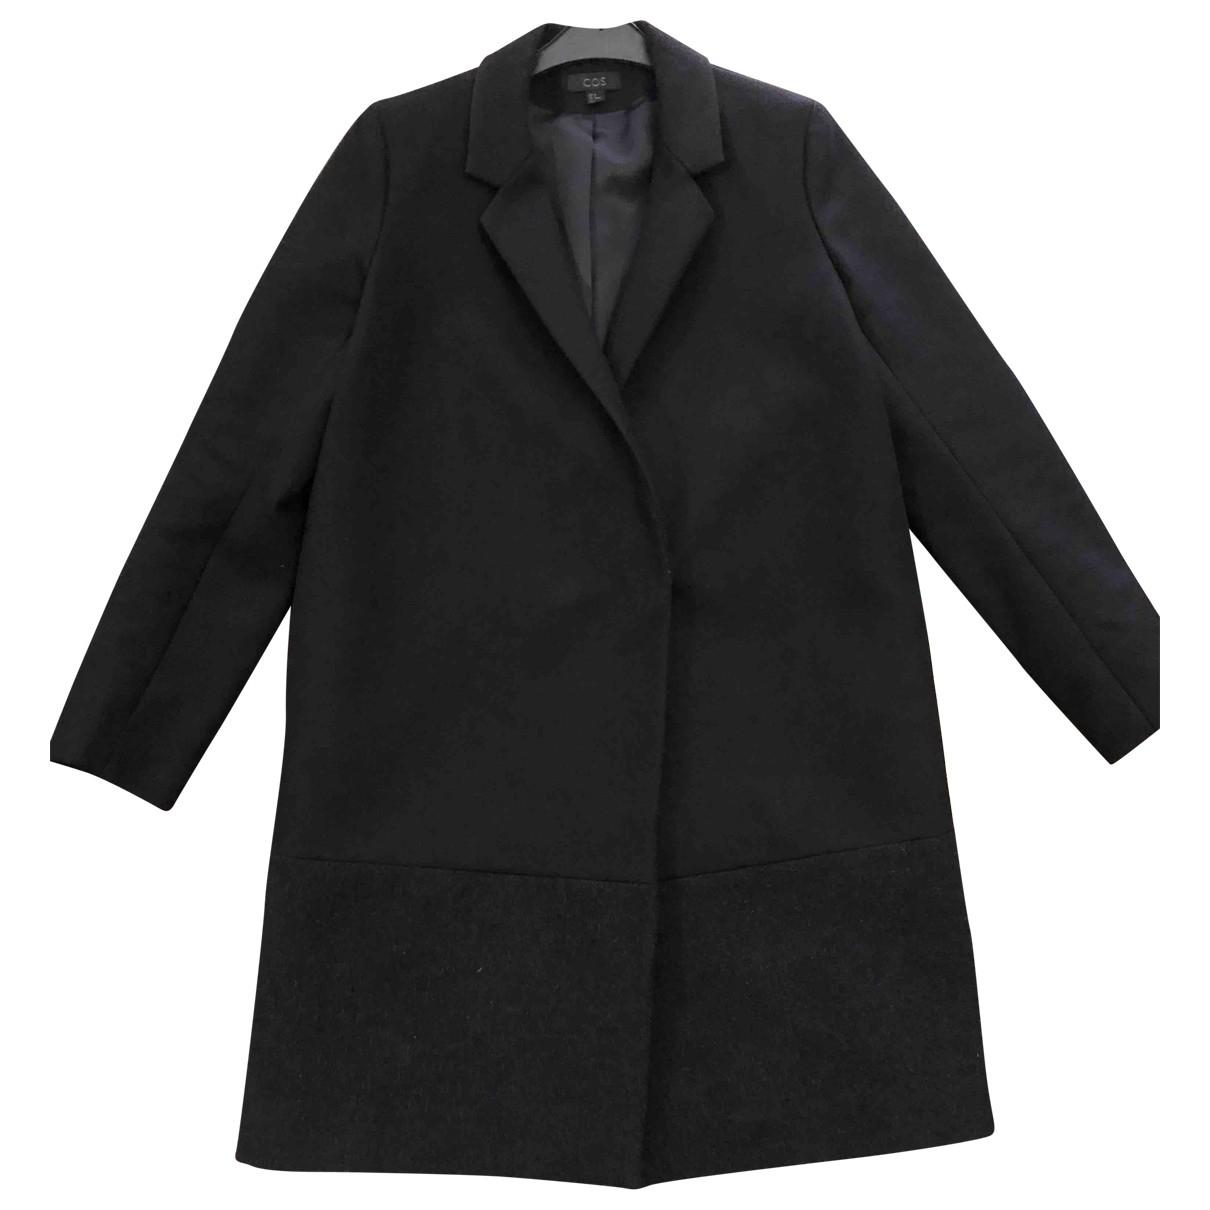 Cos - Manteau   pour femme en laine - noir